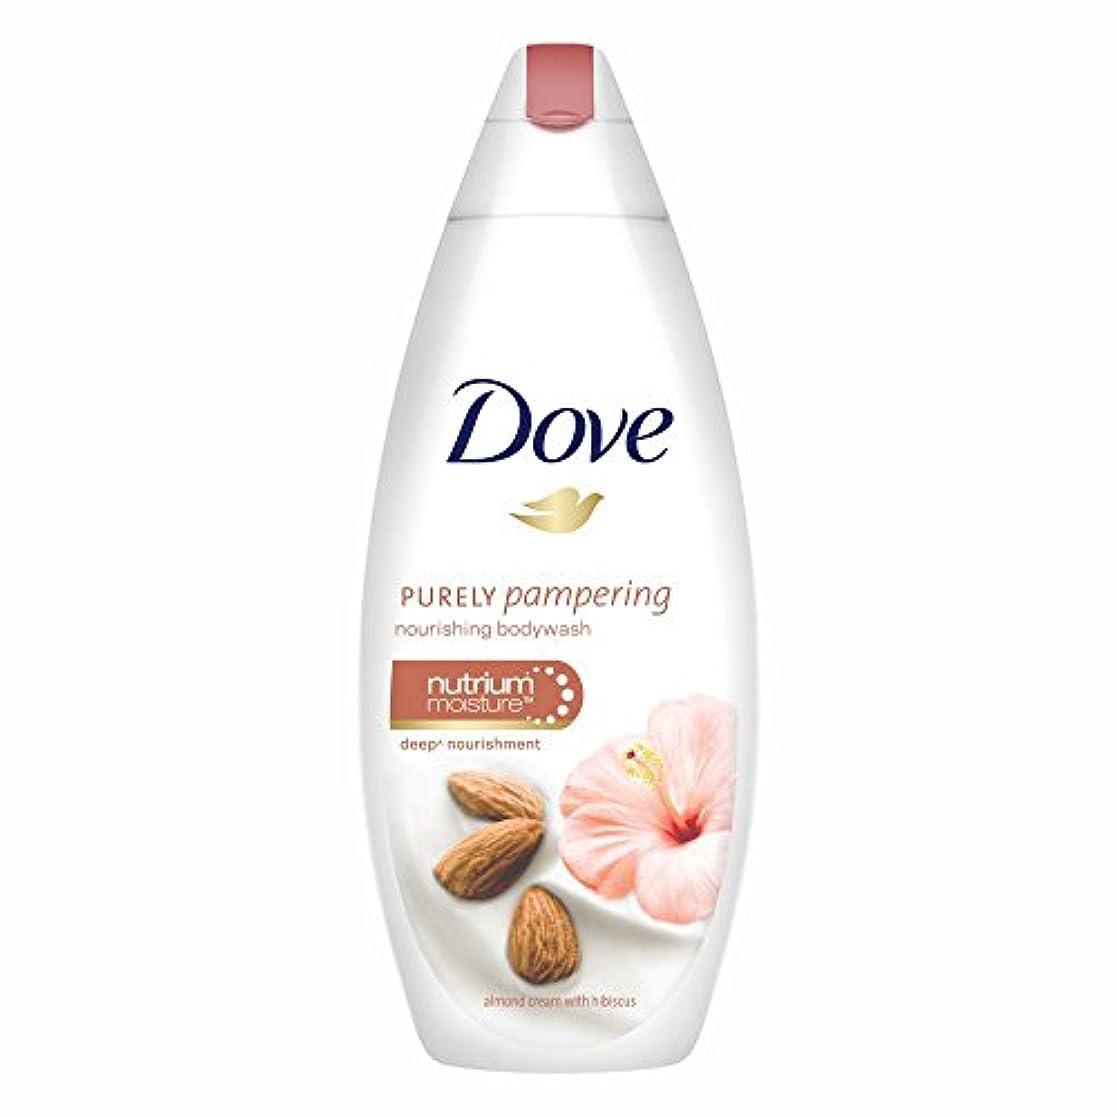 請求可能減衰冒険Dove Purely Pampering Almond Cream and Hibiscus Body Wash, 190ml